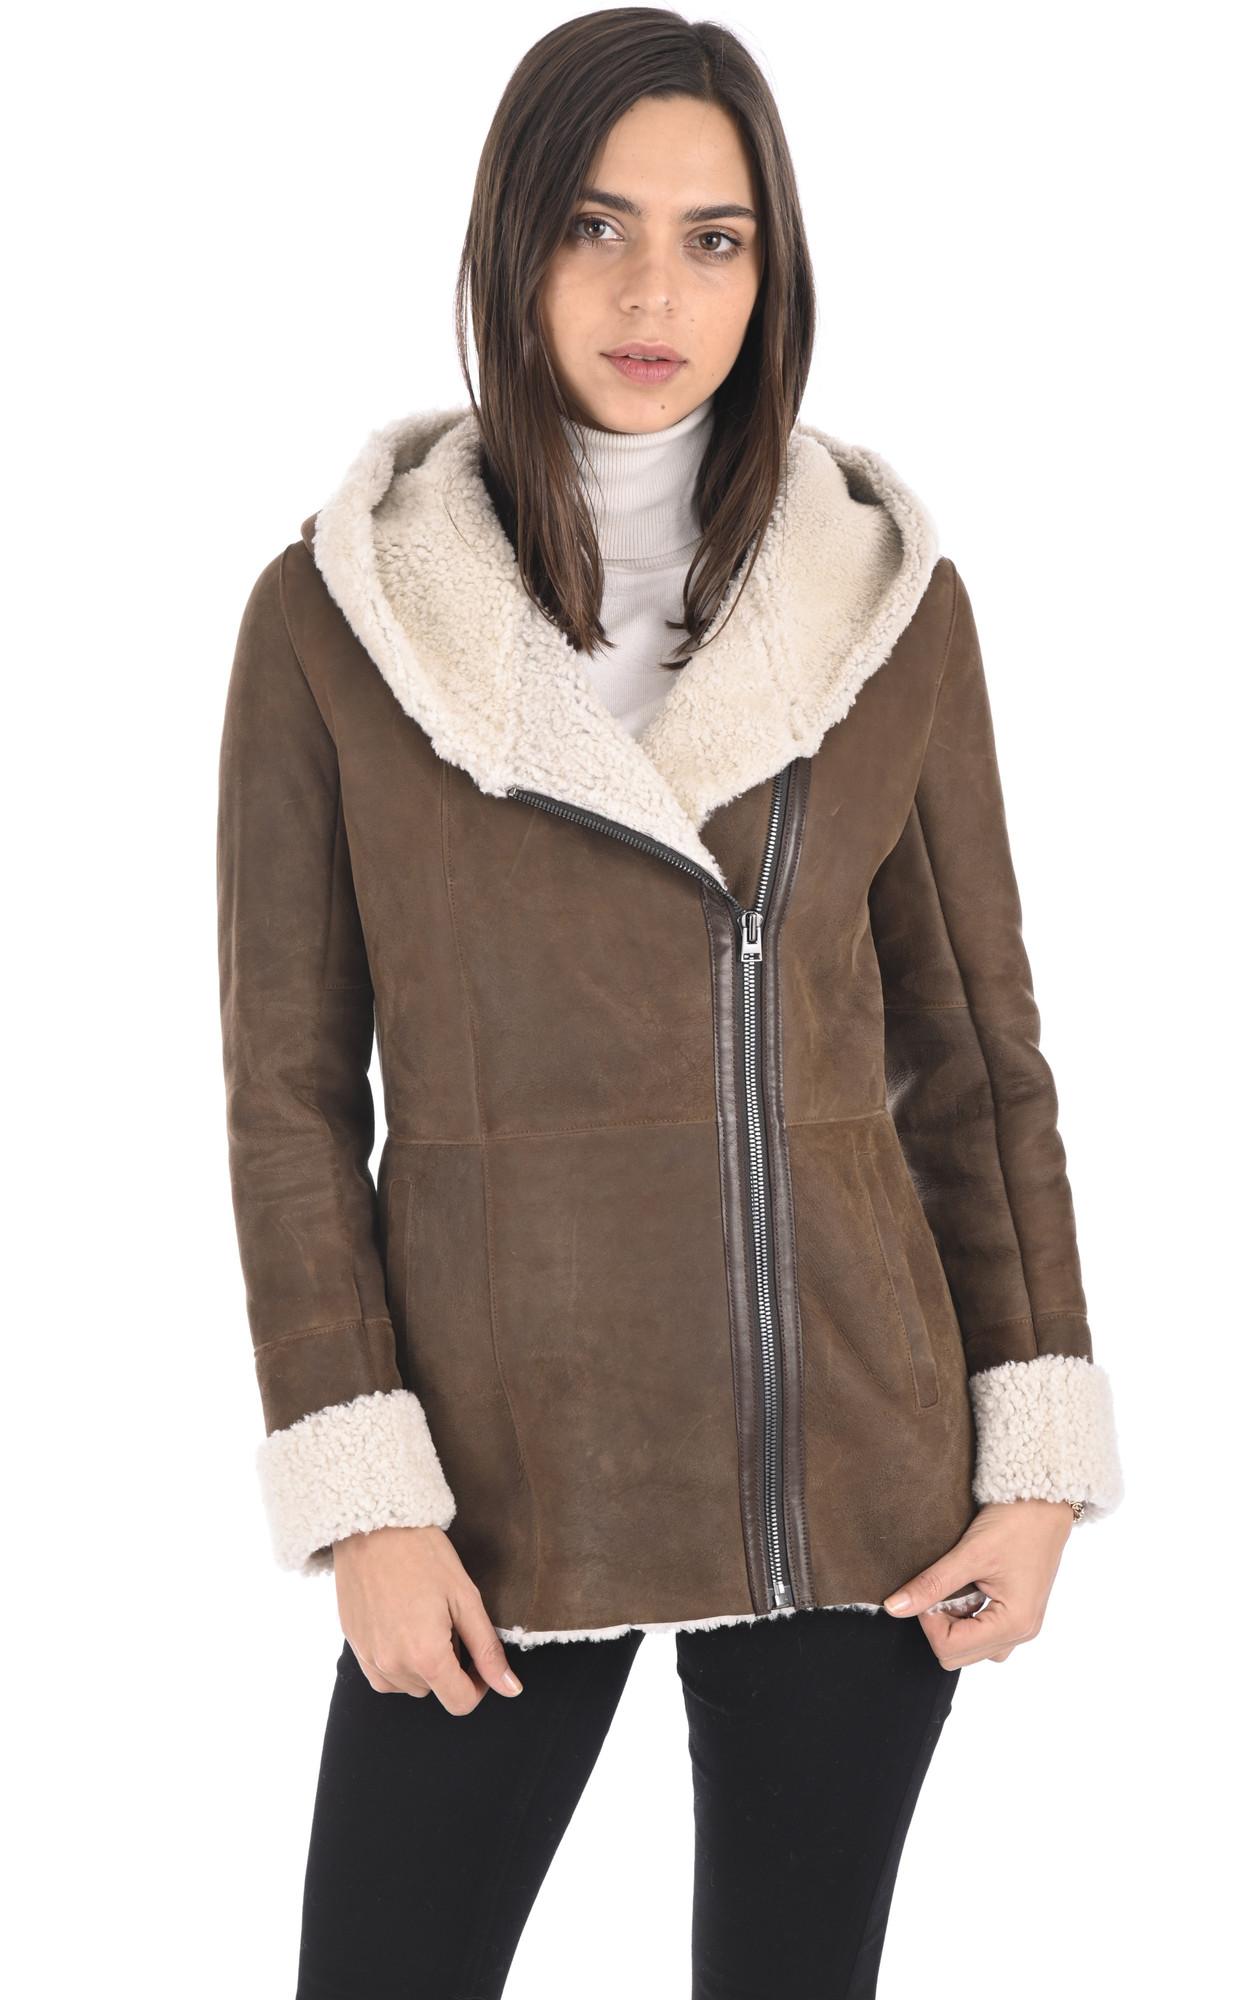 La Canadienne Veste Mouton Coupe Loose Femme Marron Magasin